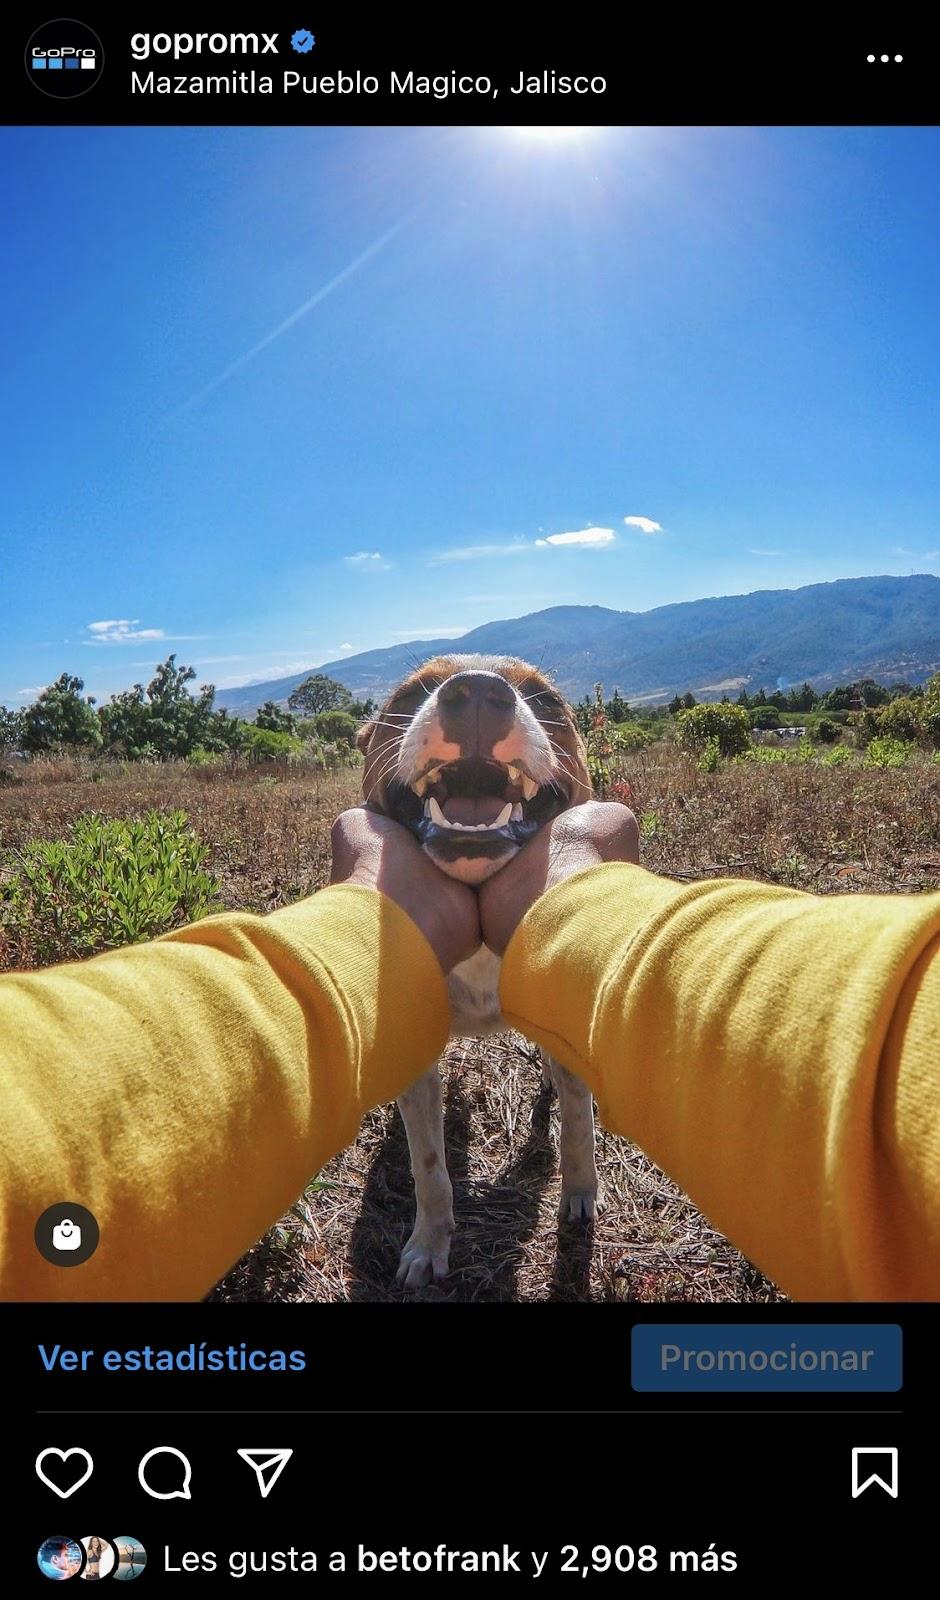 gopromx foto de un perro